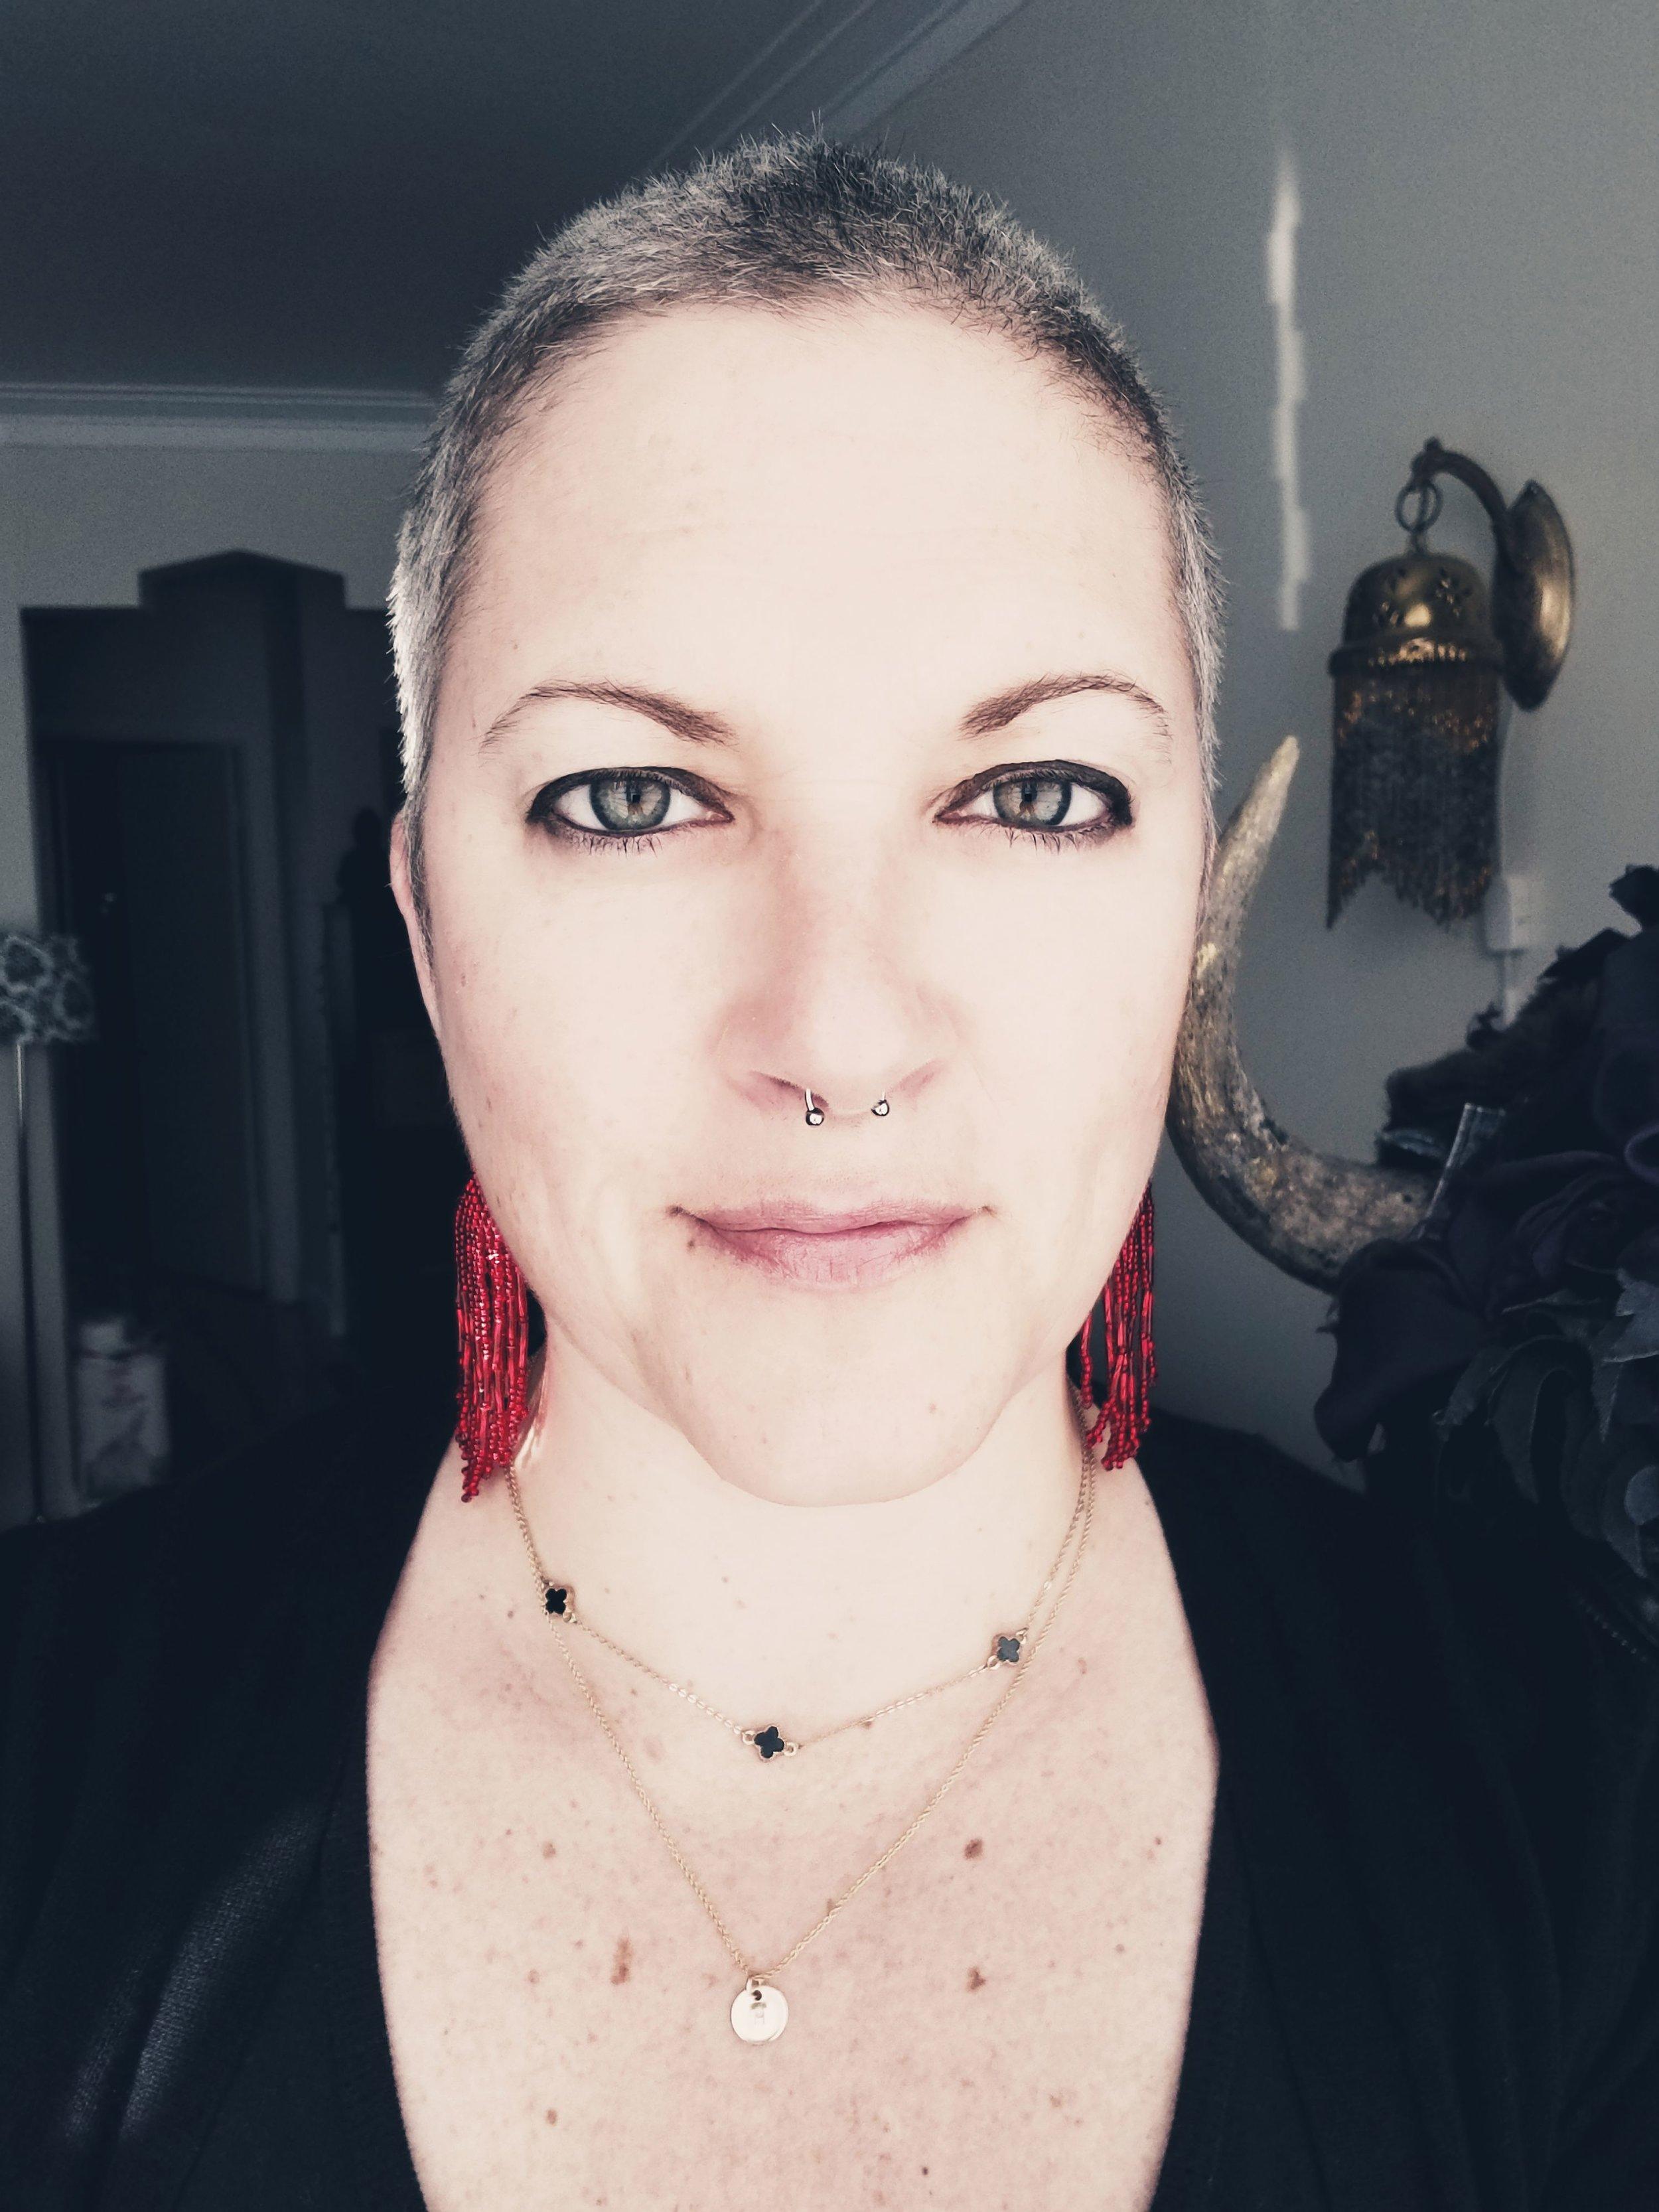 Melanie_Lefebvre.jpg